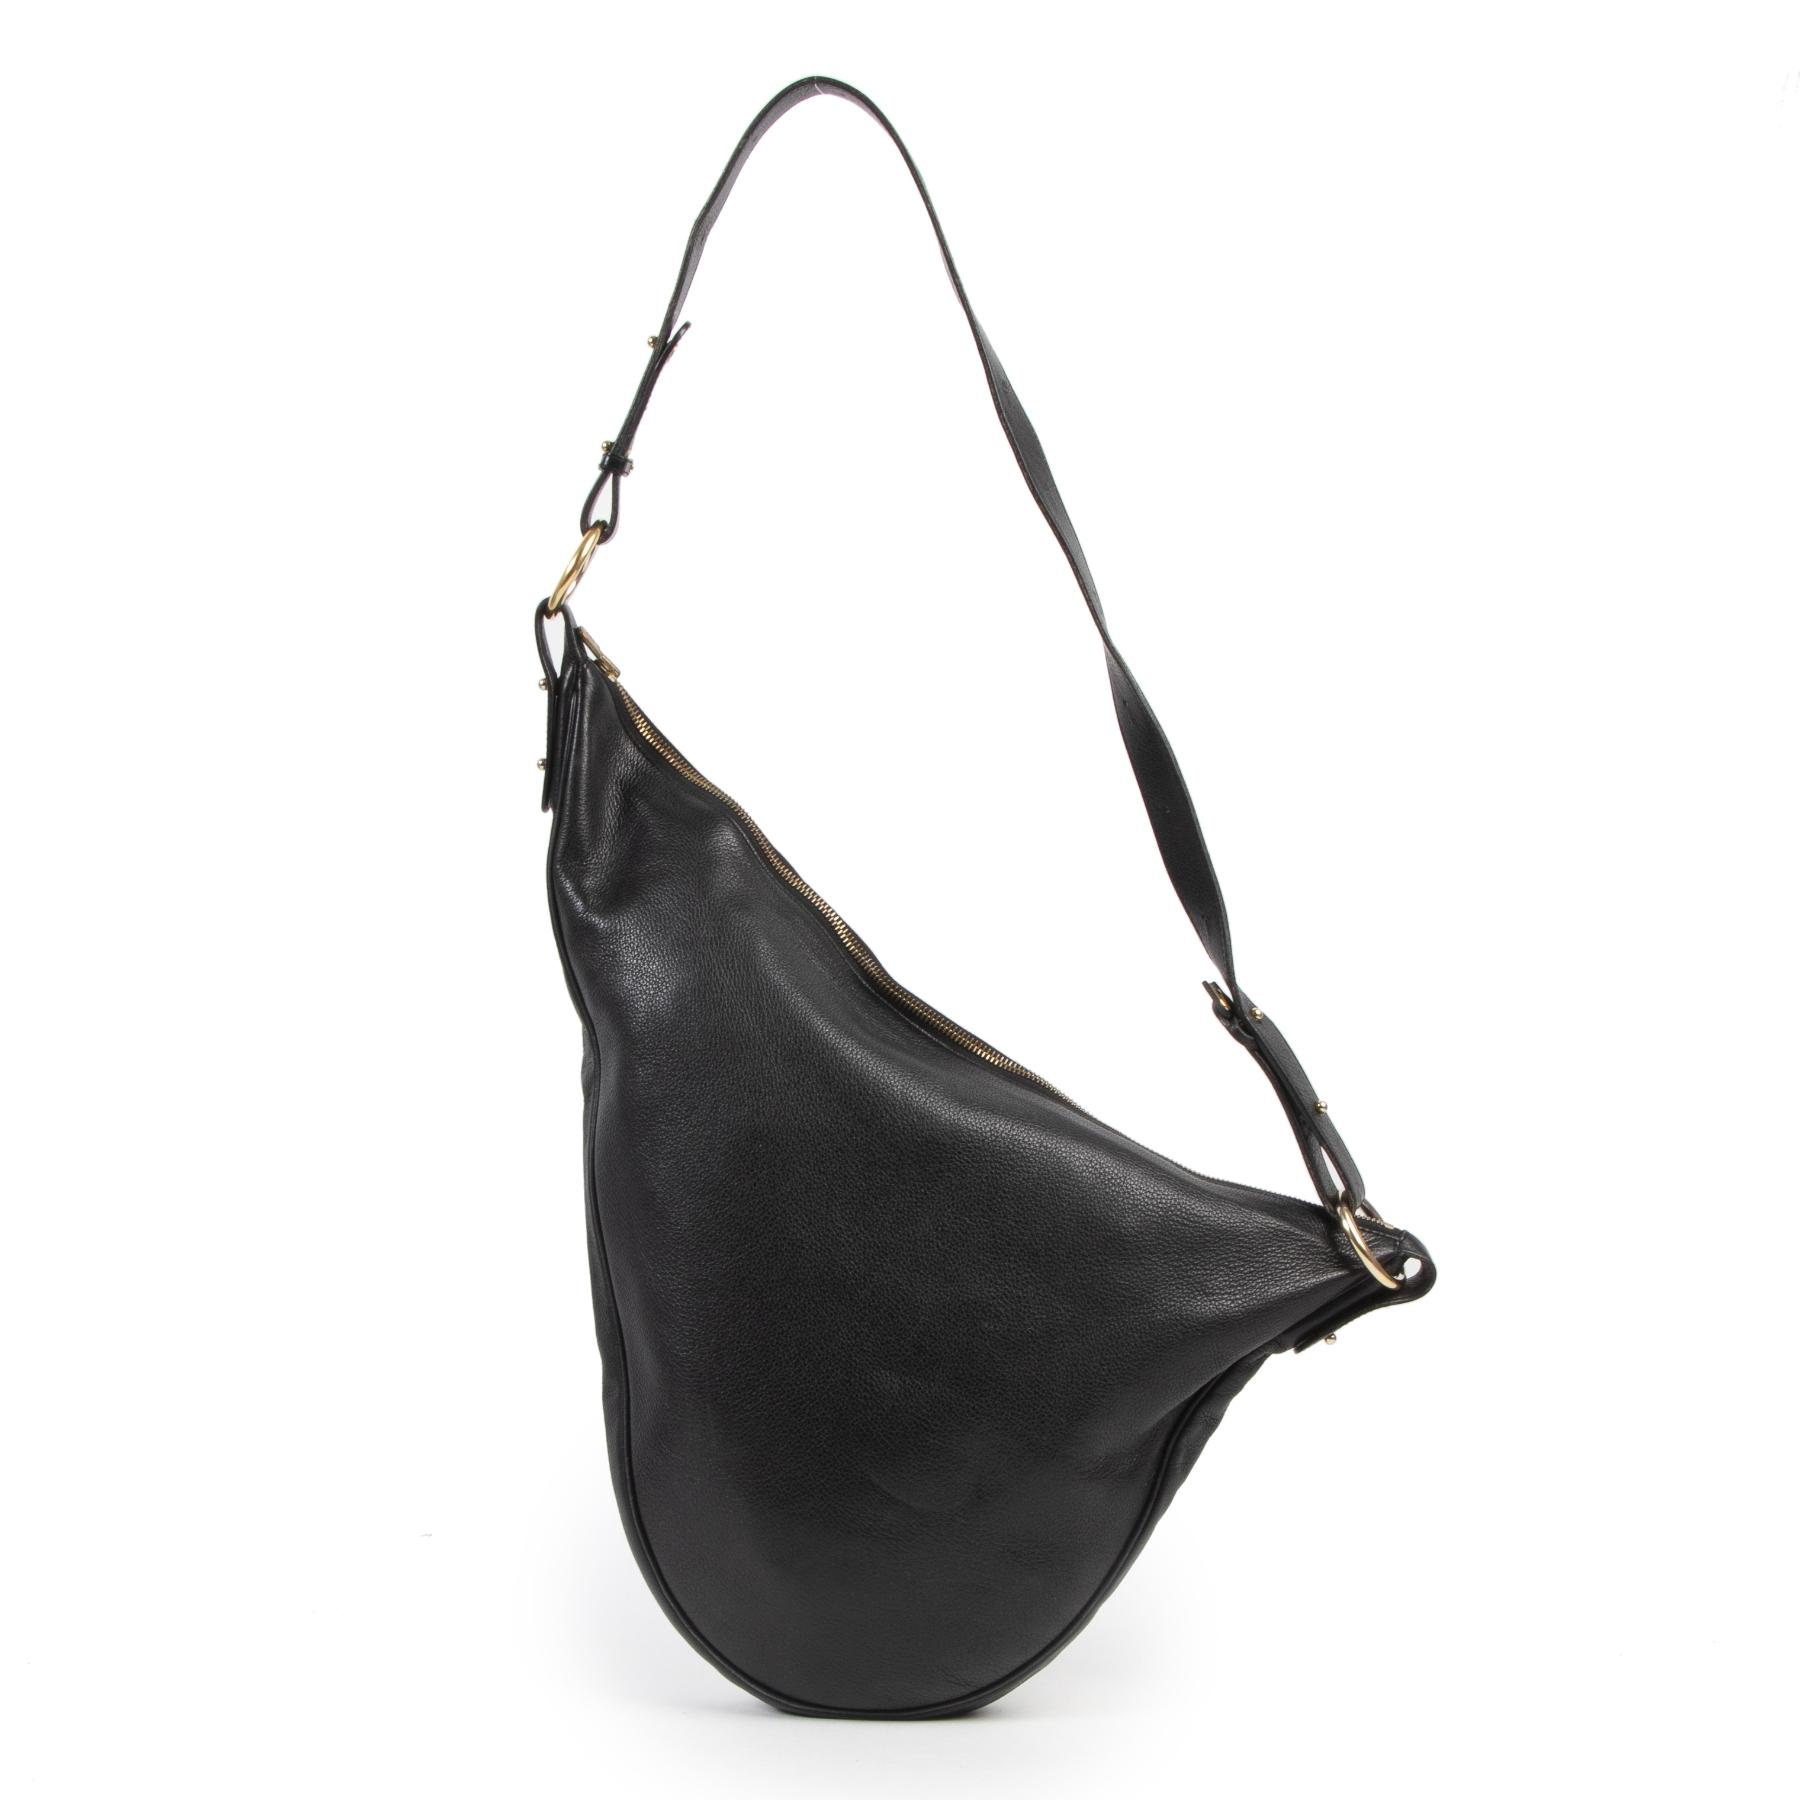 Delvaux Black Saddle Sling Bag kopen en verkopen aan de beste prijs